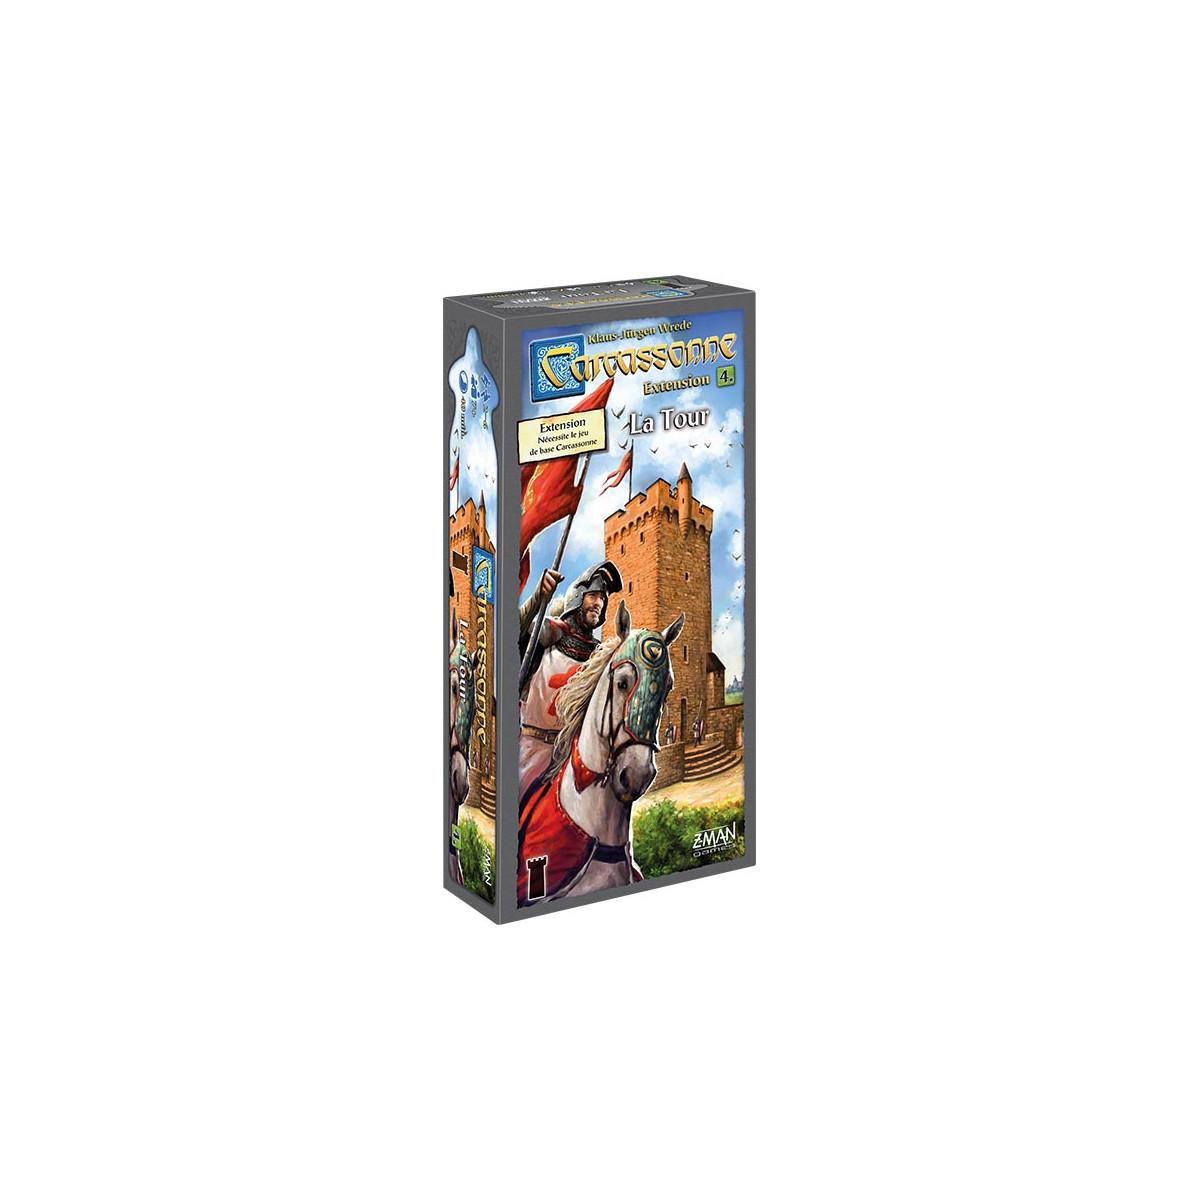 Munchkin Board Game Box